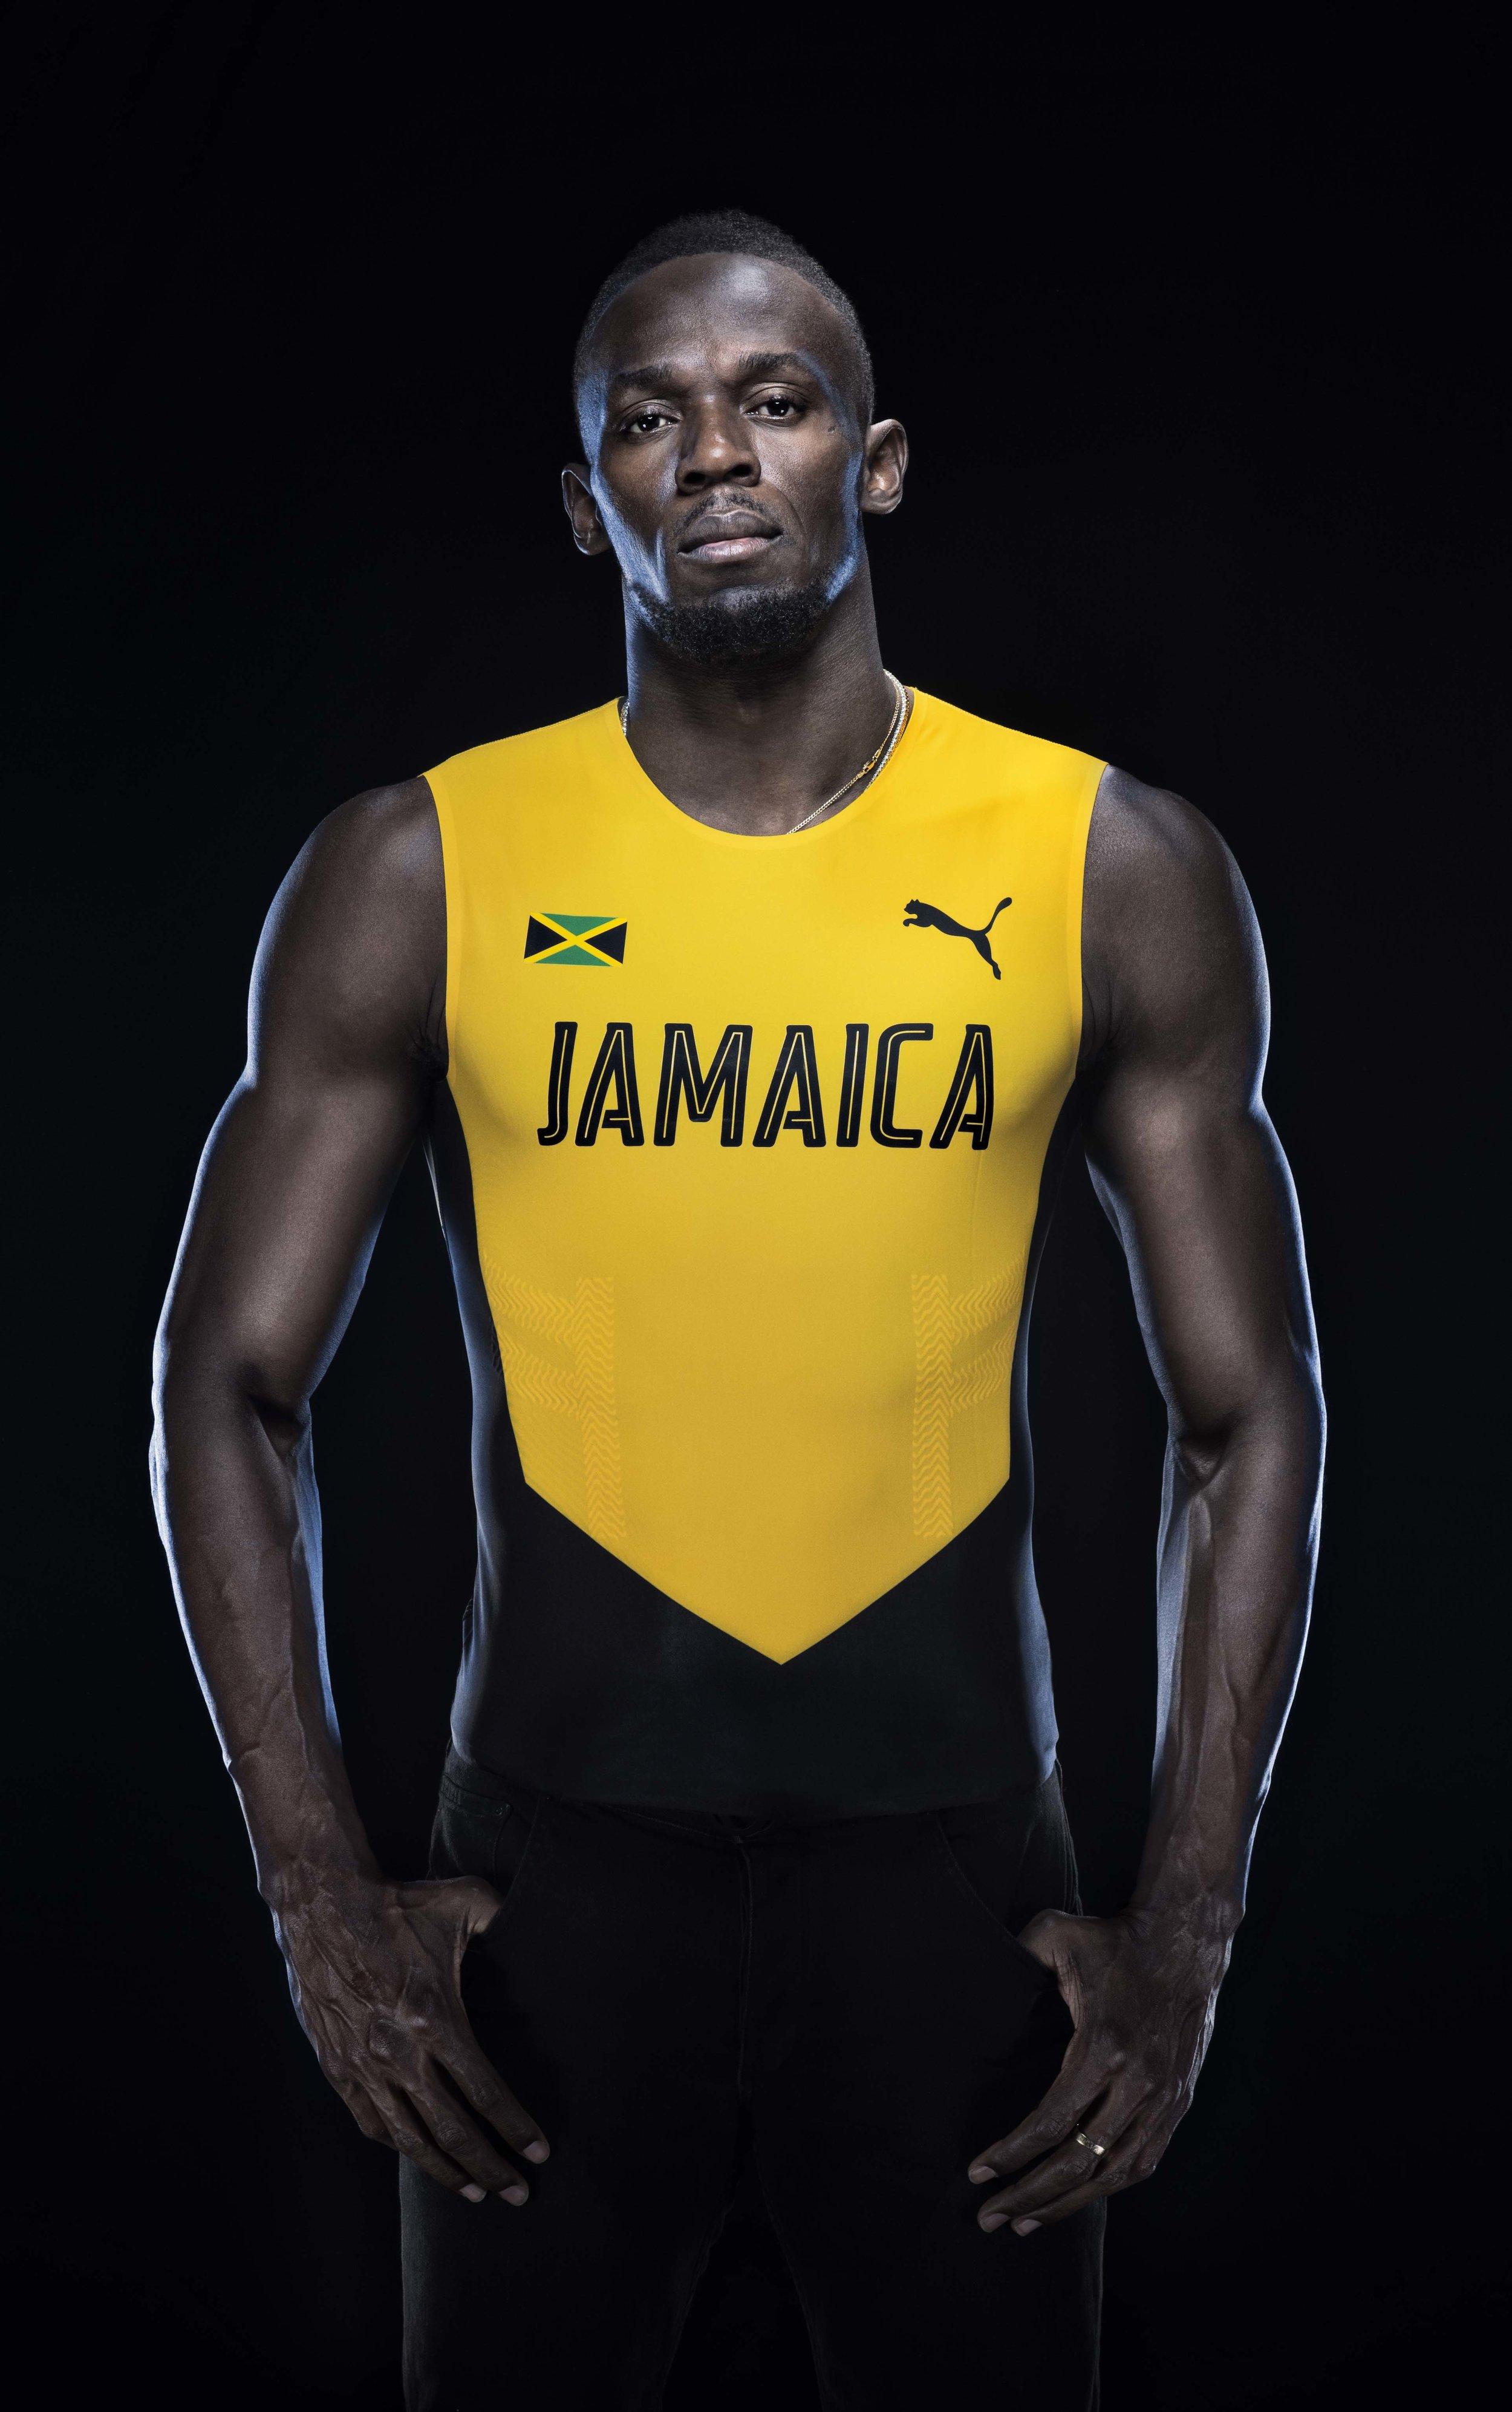 Usain_Bolt15062.jpg